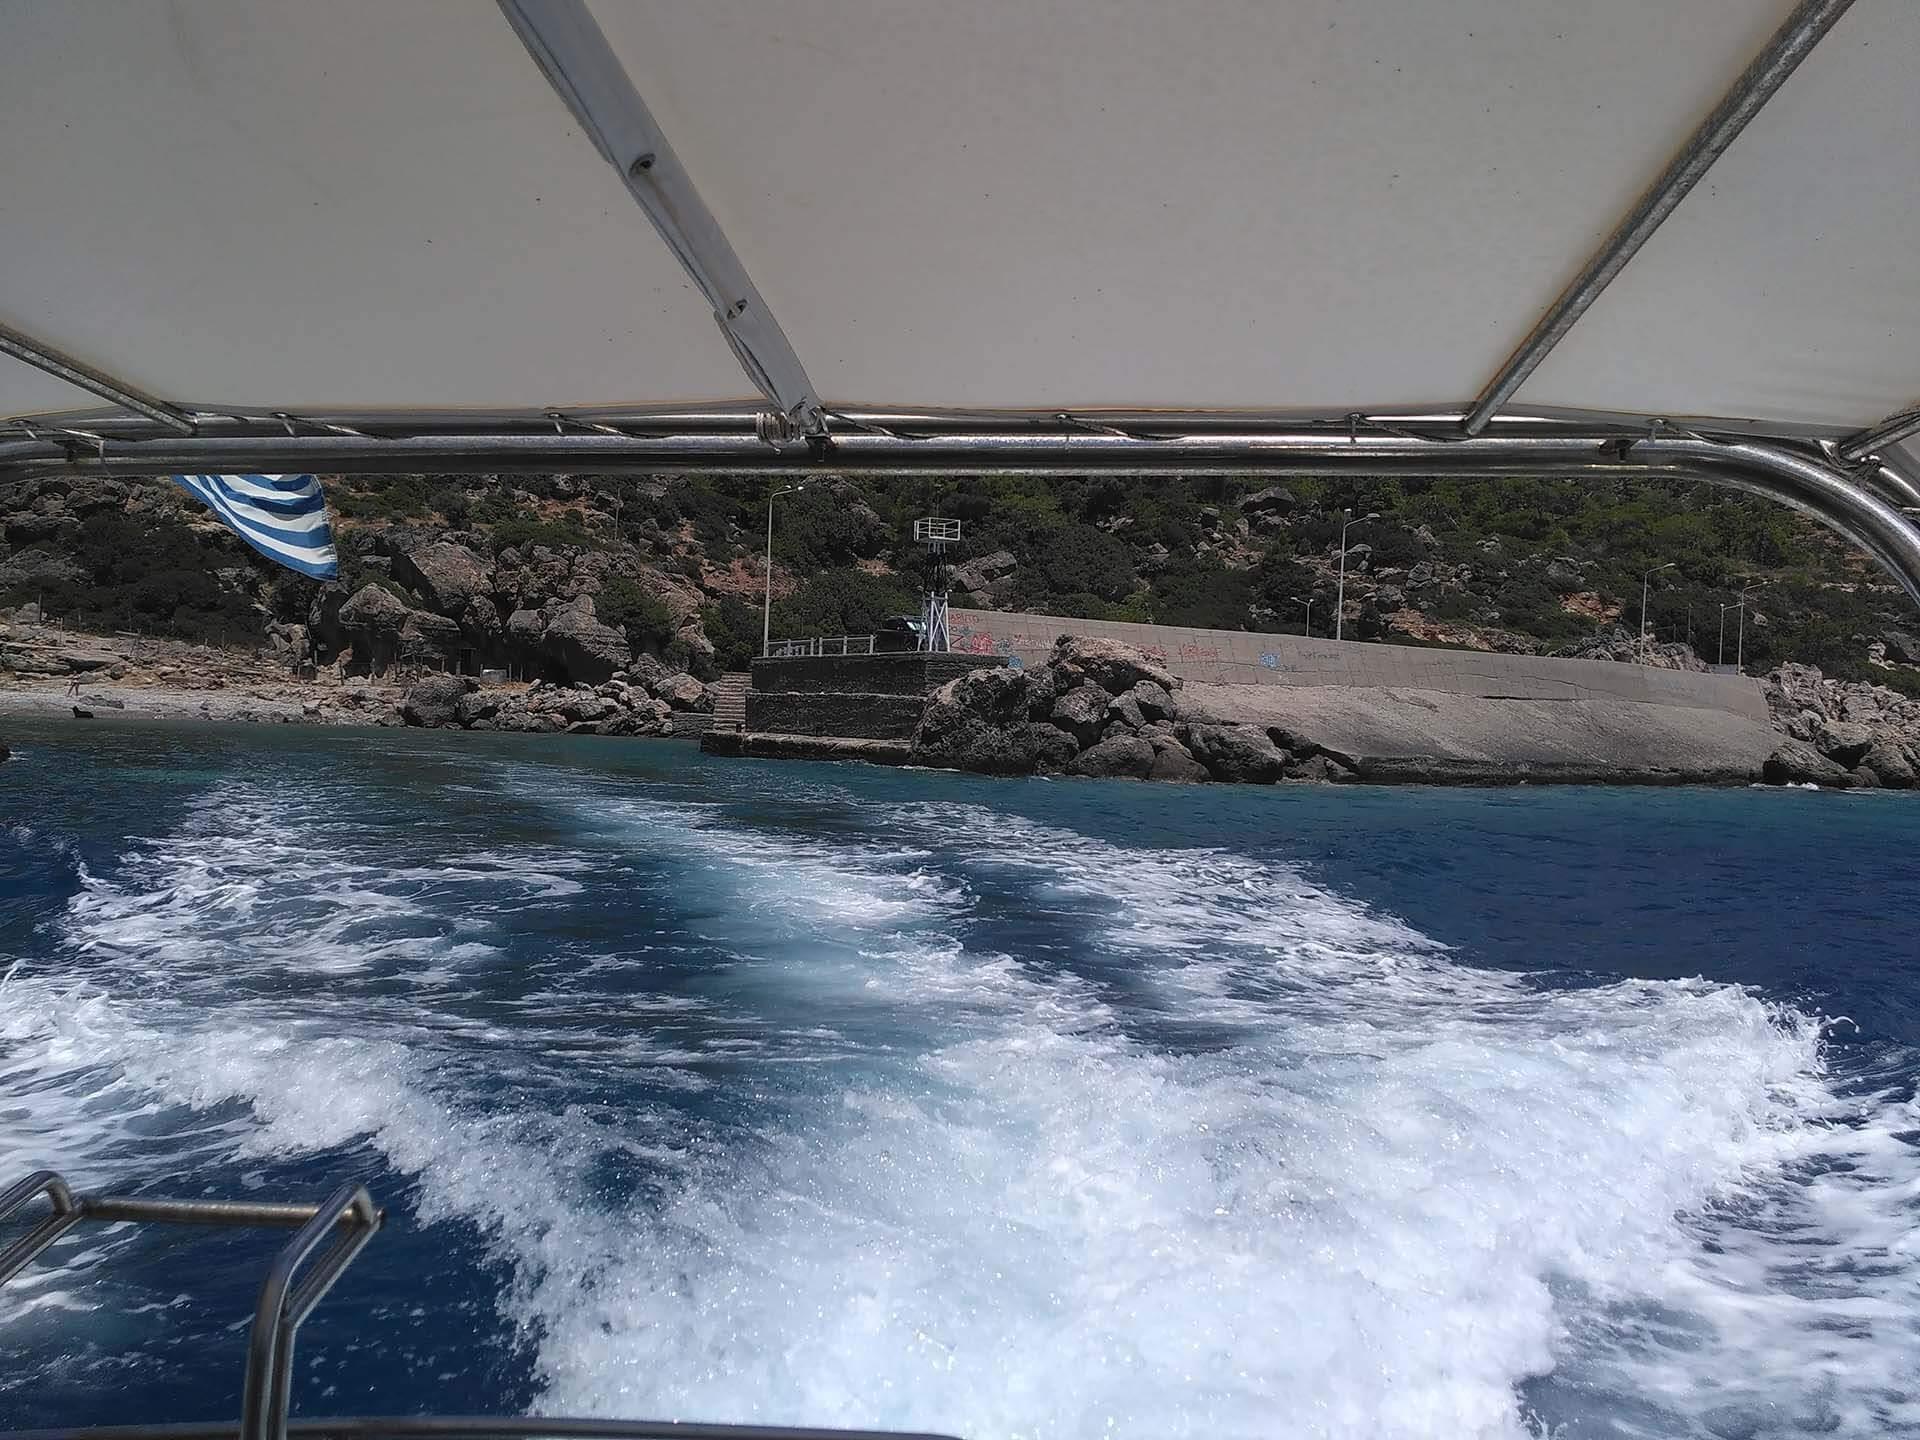 Sougia boat taxi